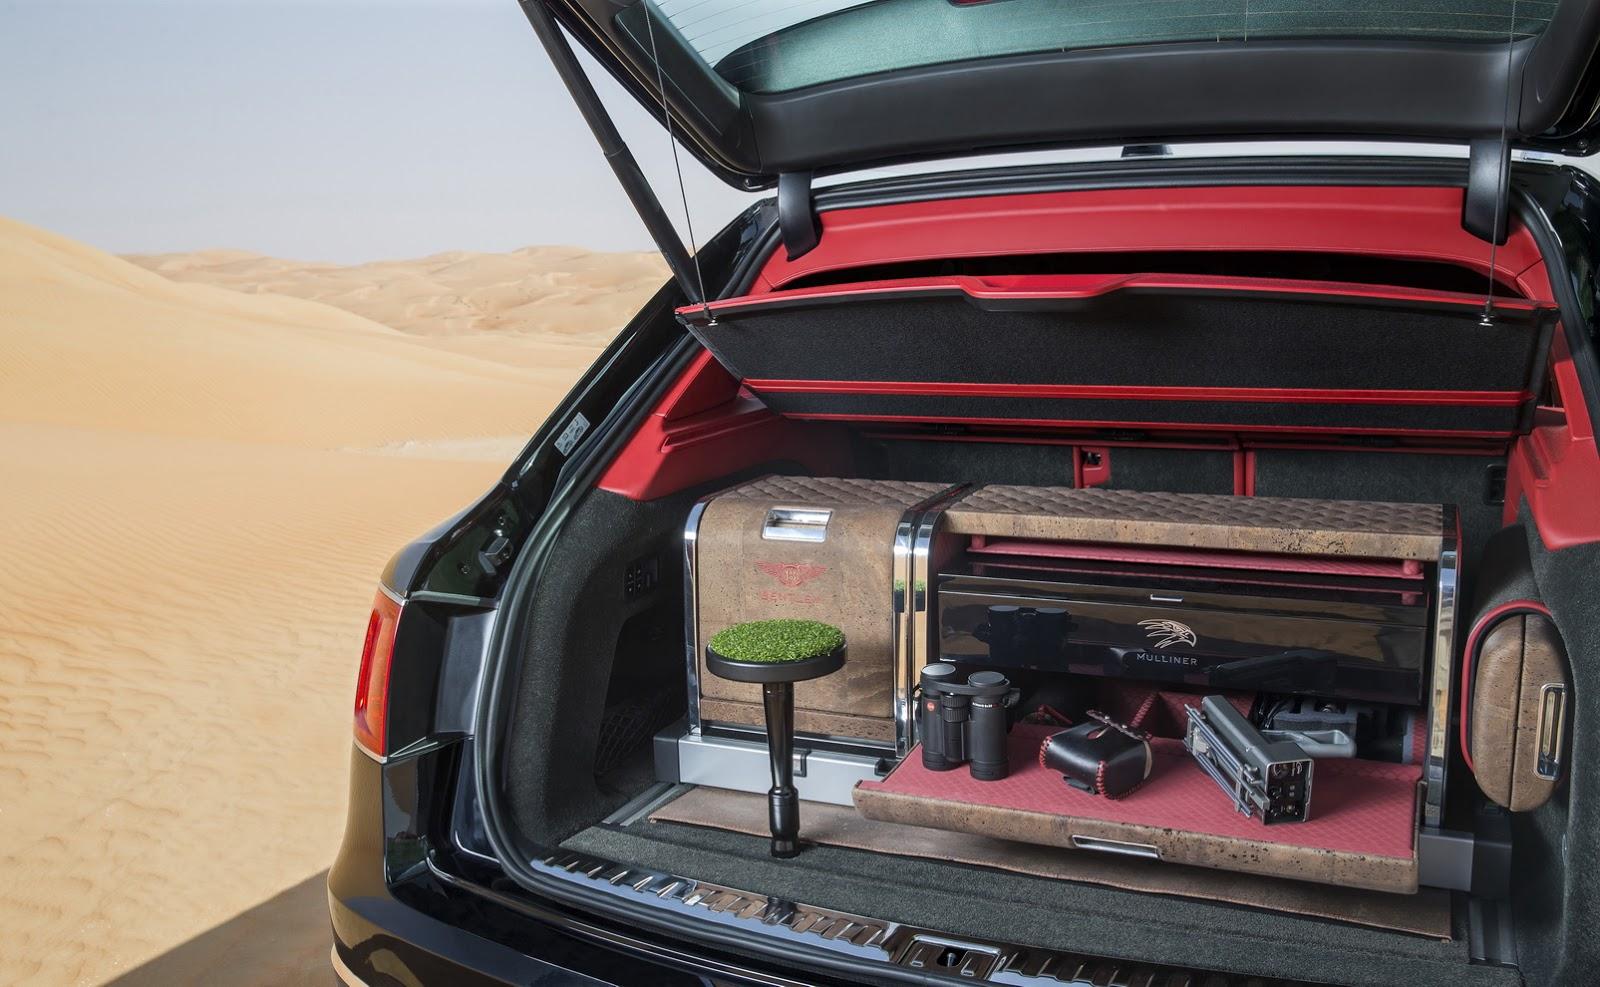 El maletero del Bentley Bentayga Falconry viene equipado para transportar aves de cetreria.